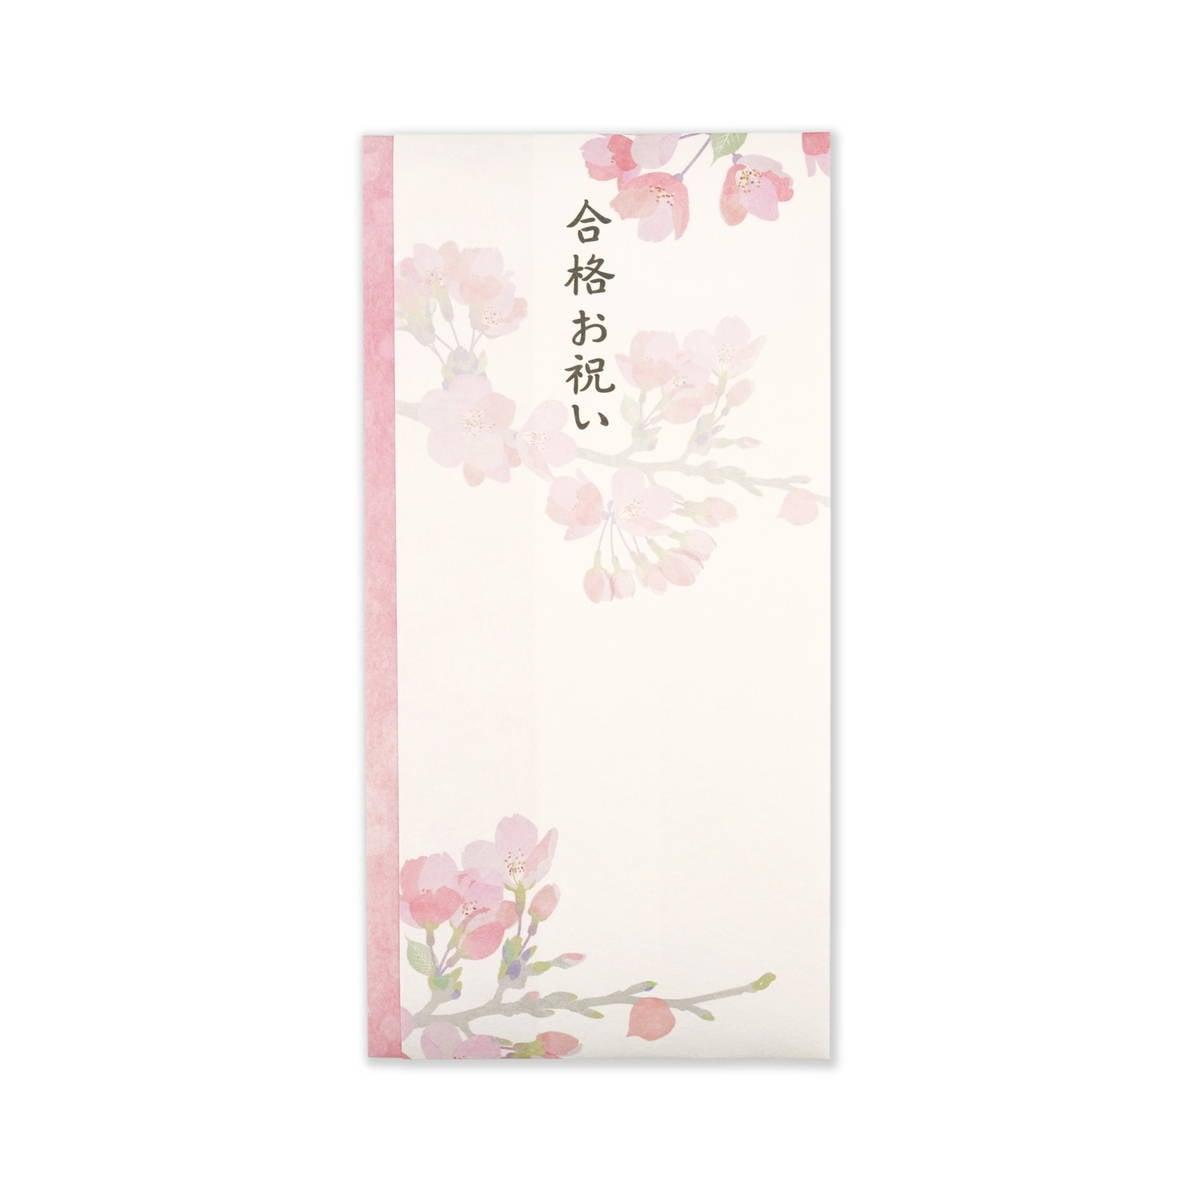 多当袋 合格祝い 桜ピンク|sg-228